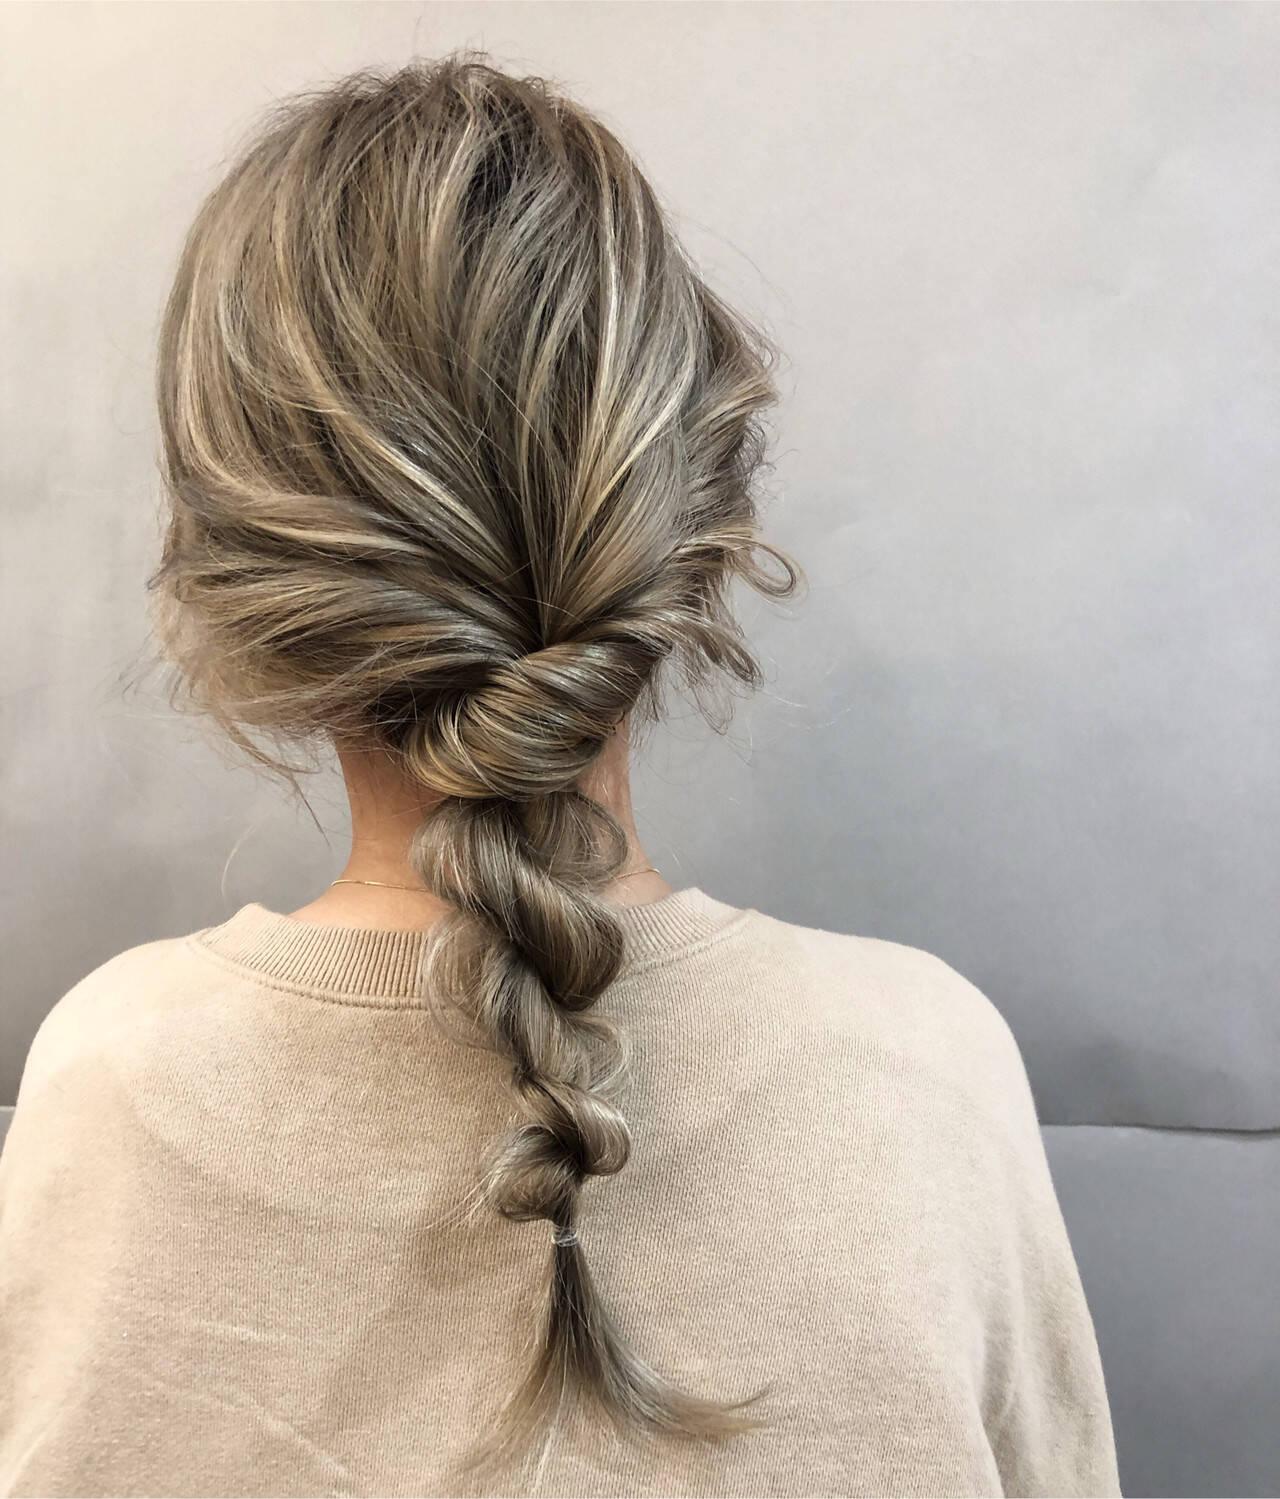 デート ヘアアレンジ フェミニン スポーツヘアスタイルや髪型の写真・画像